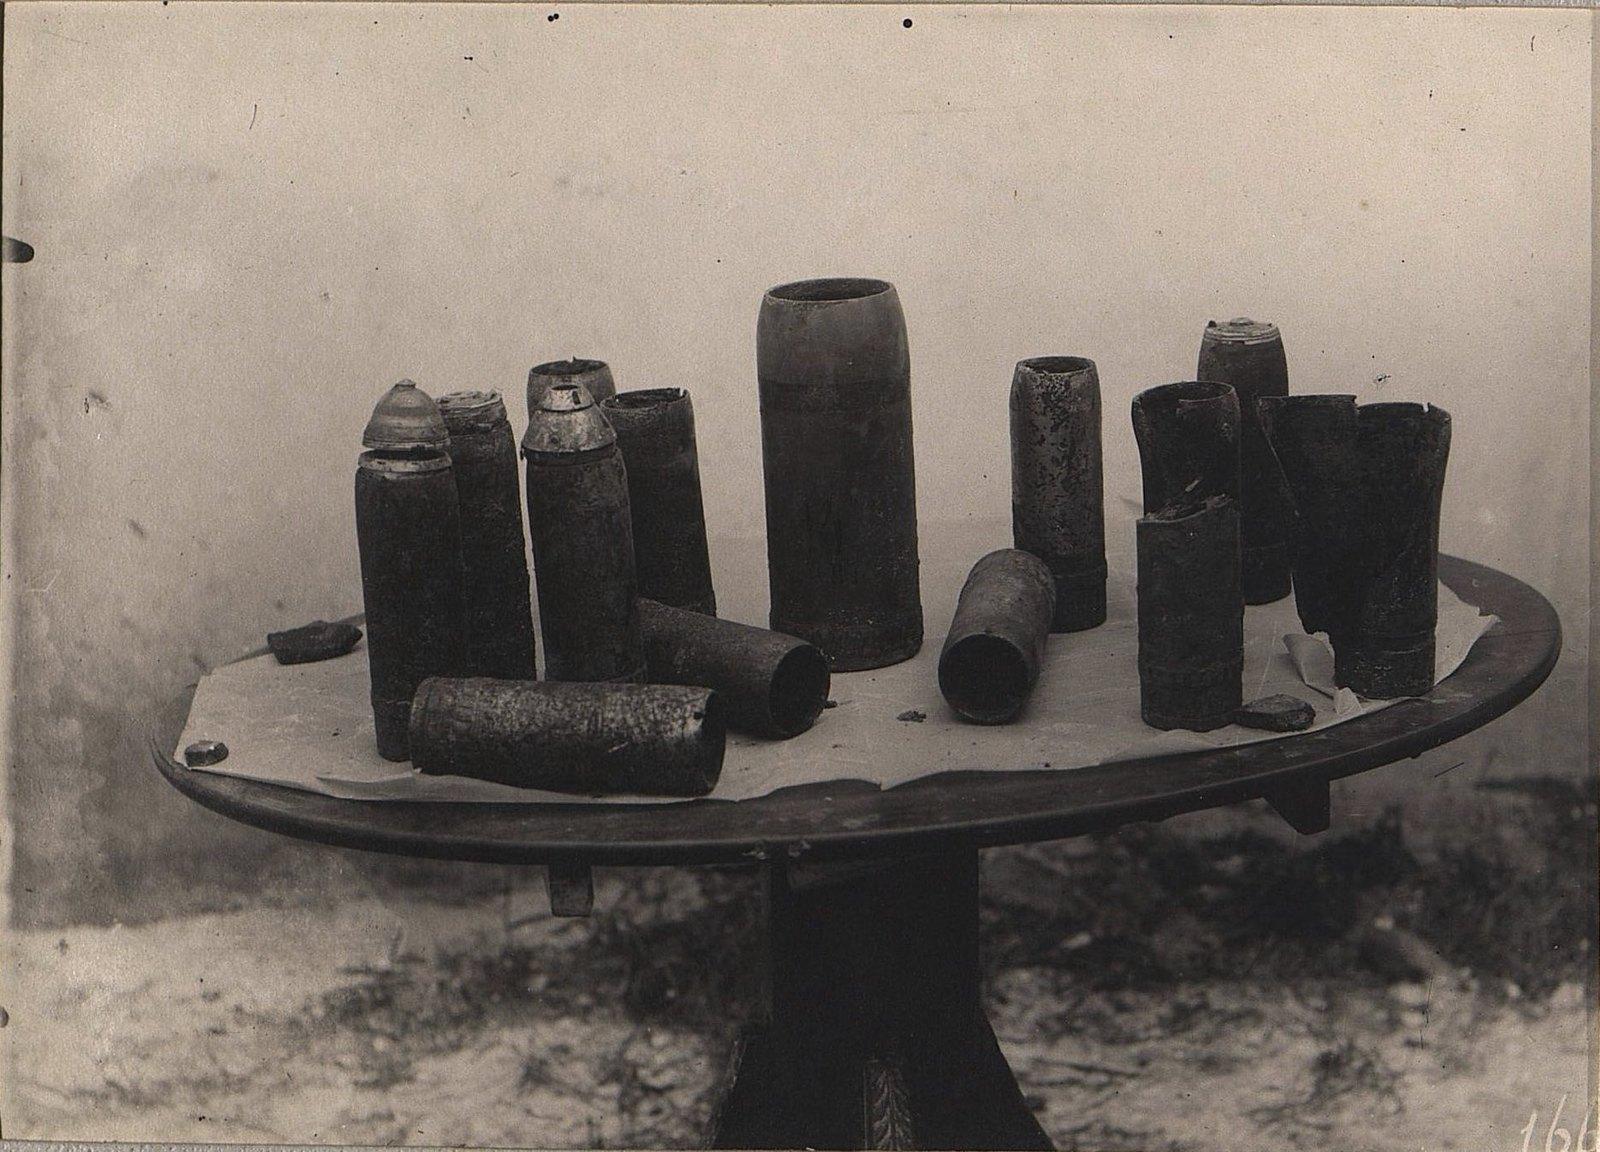 02. Стаканы нашей артиллерии, собранные после боя 31 августа у деревни Марьяновки. 1915